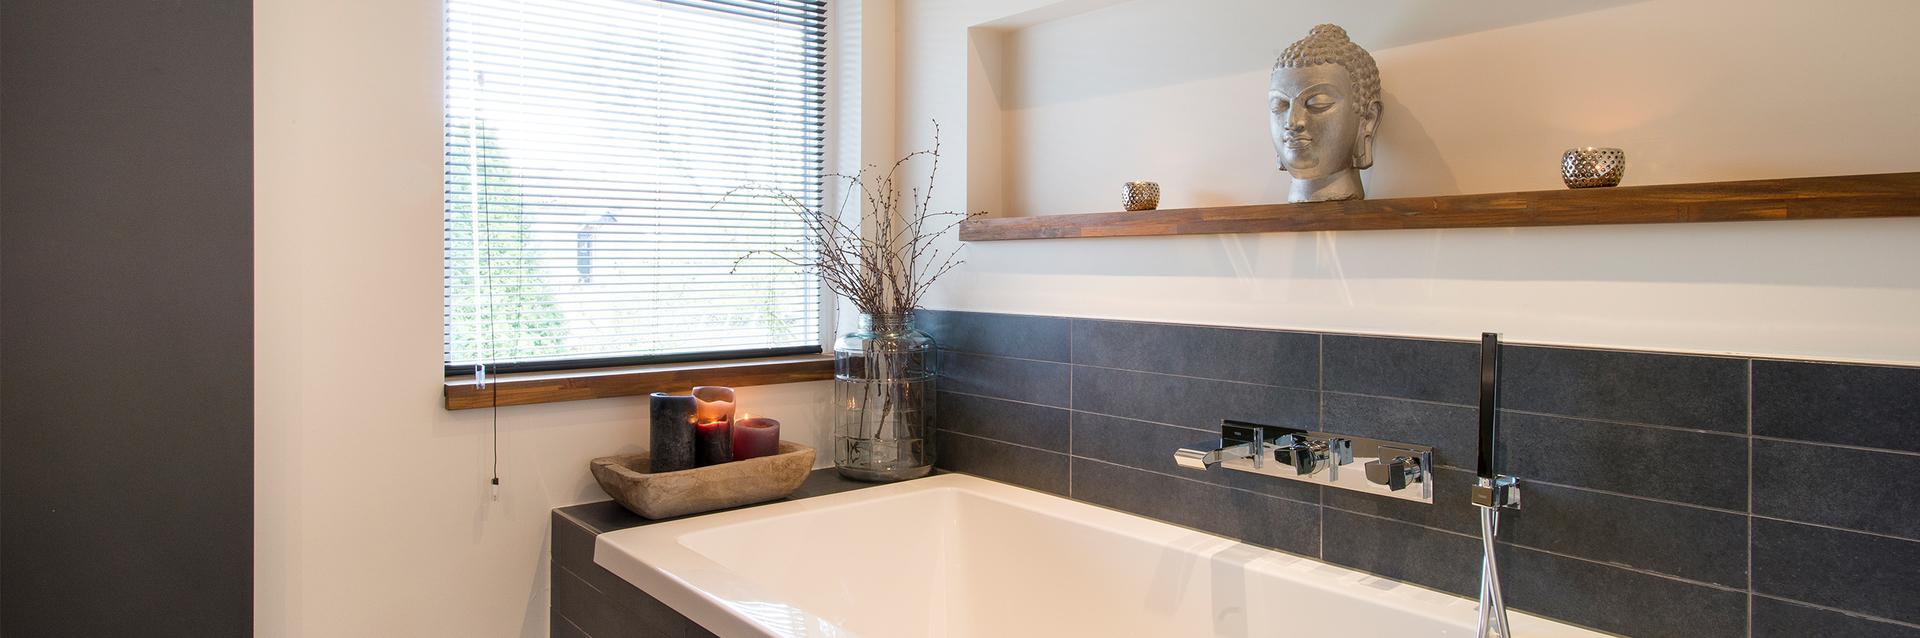 Fonkelnieuw Ideeën opdoen voor een badkamer jaren dertig woning - Baden+ BO-86